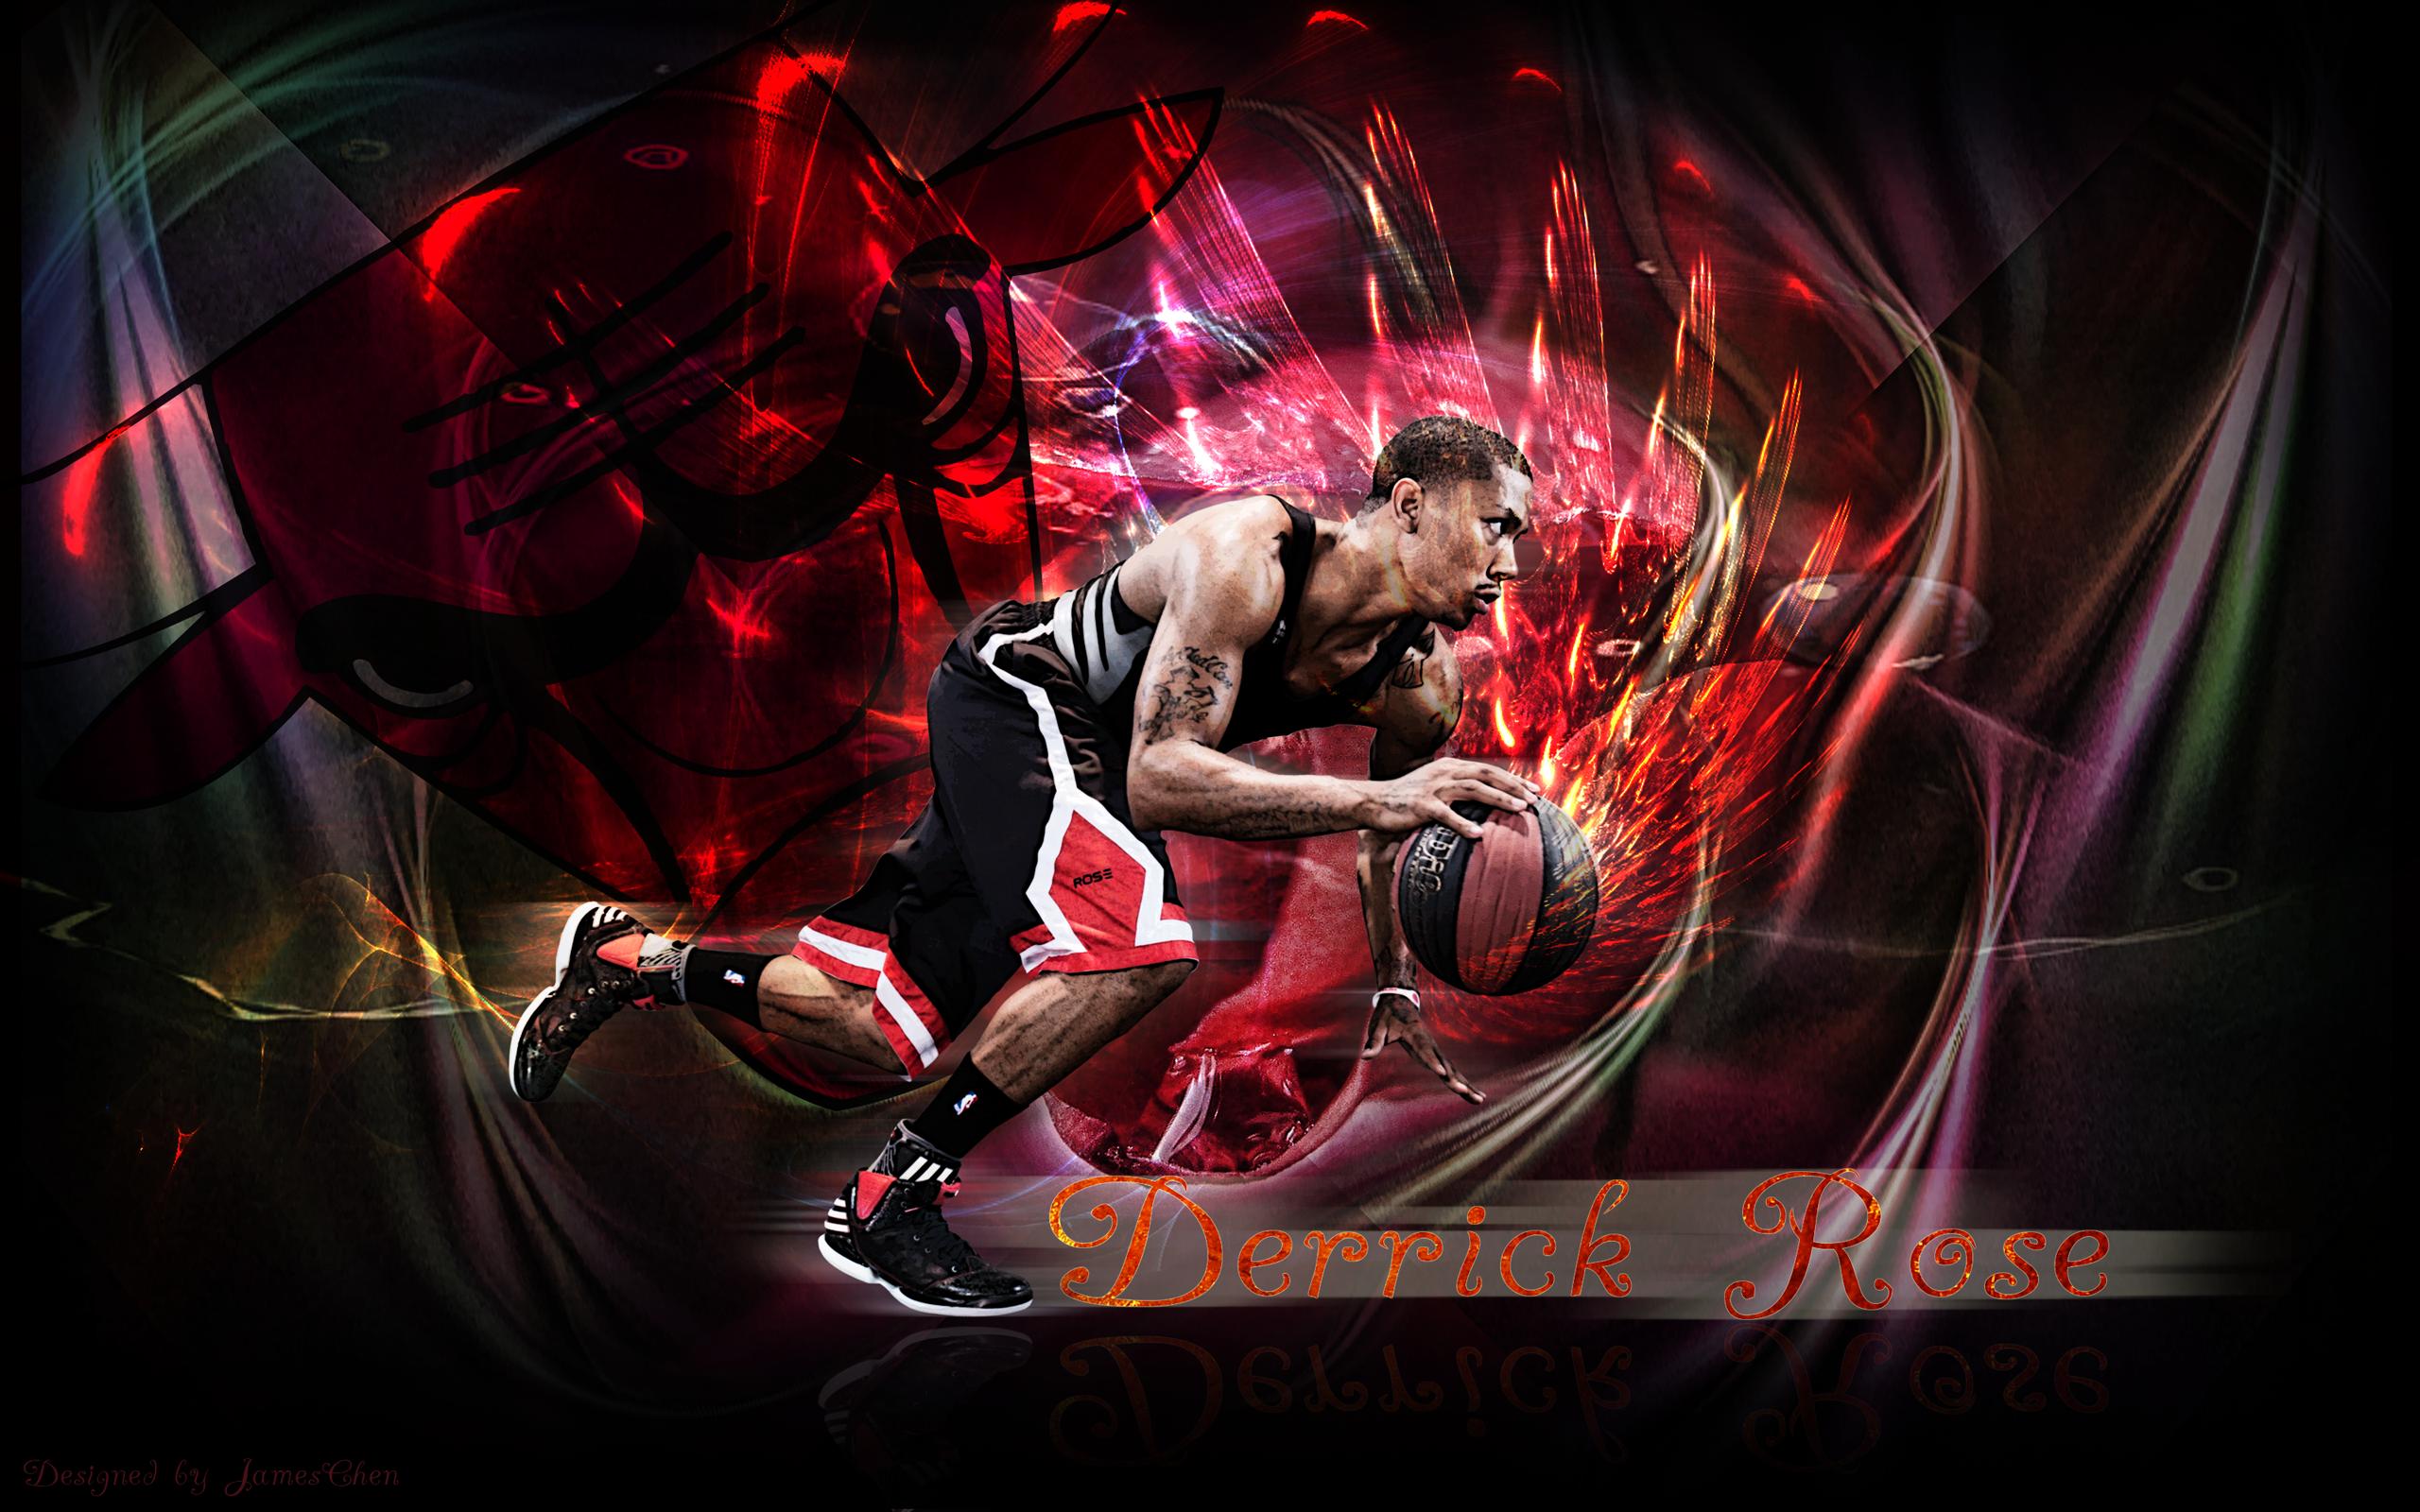 derrick rose wallpaper chicago bulls wallpaper sport photo derrick 2560x1600